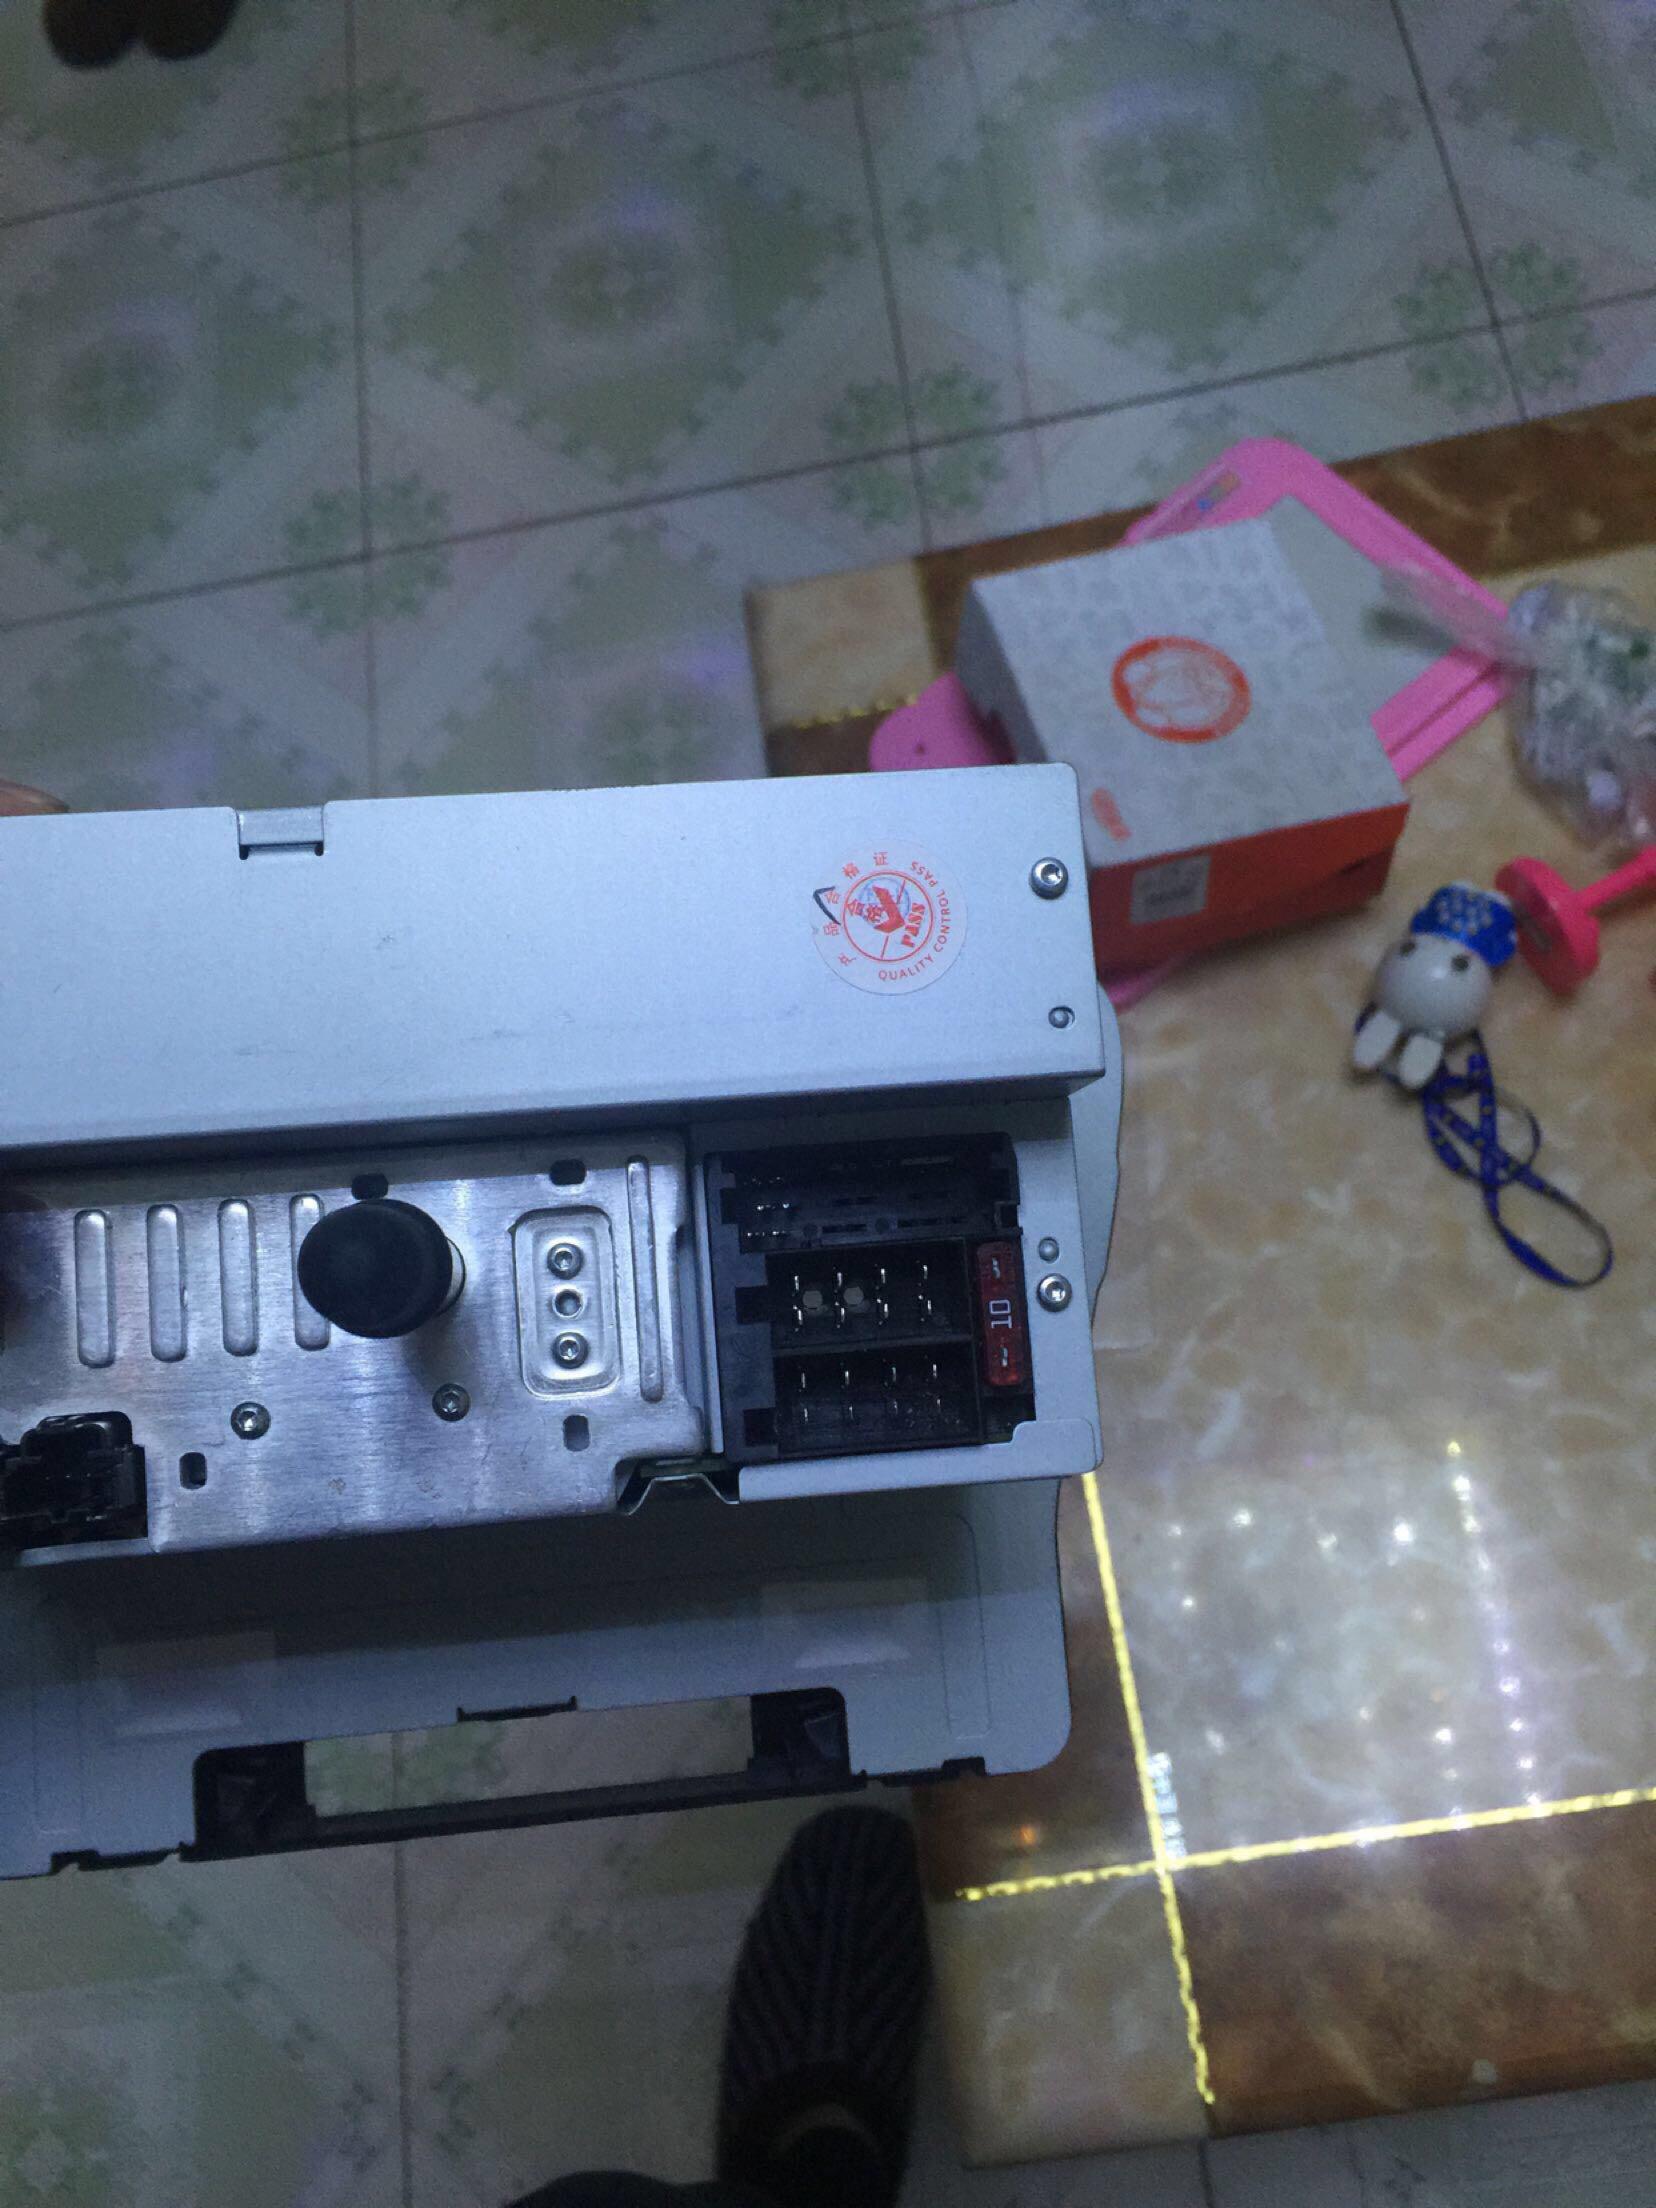 问题详情  请问下 海马m5的cd 电源线该接哪个插口 1年前 上面有电路